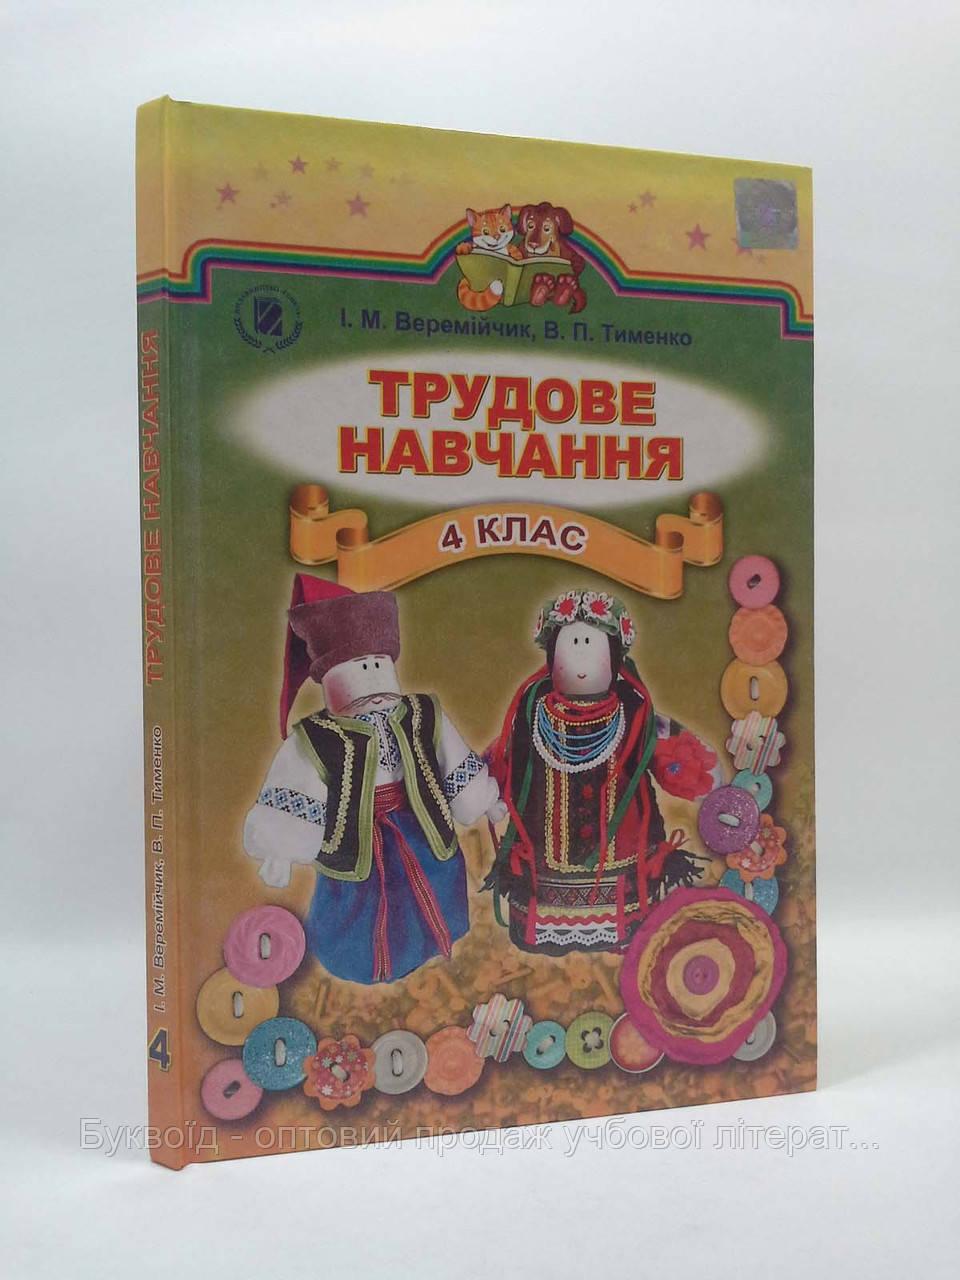 Трудове навчання 4 клас Підручник  Веремійчик Генеза ISBN 978-966-11-0592-7